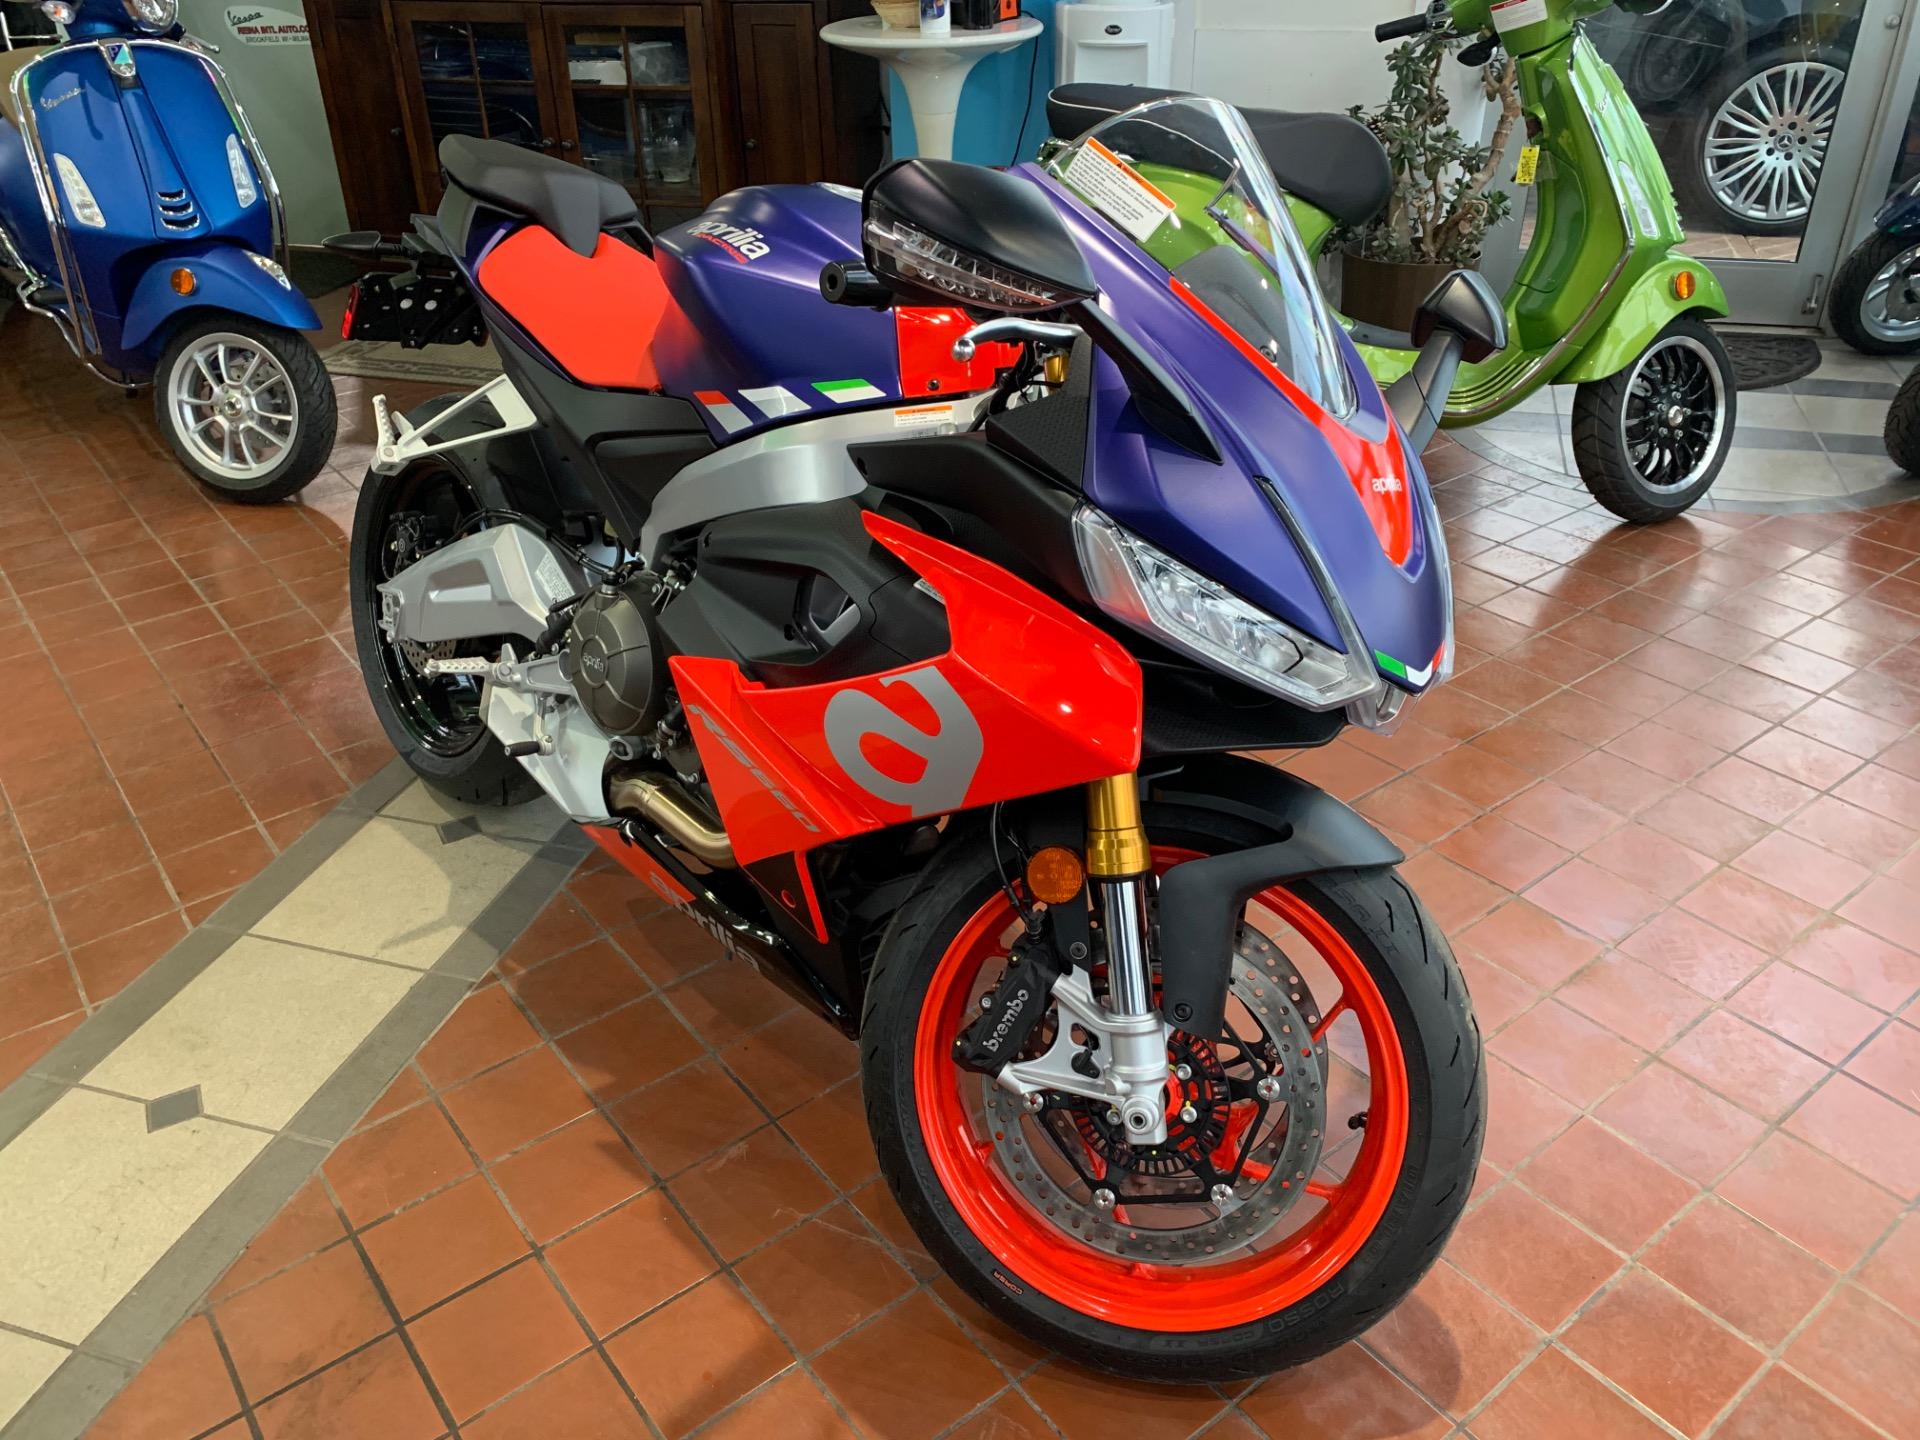 New-2021-Aprilia-RS660